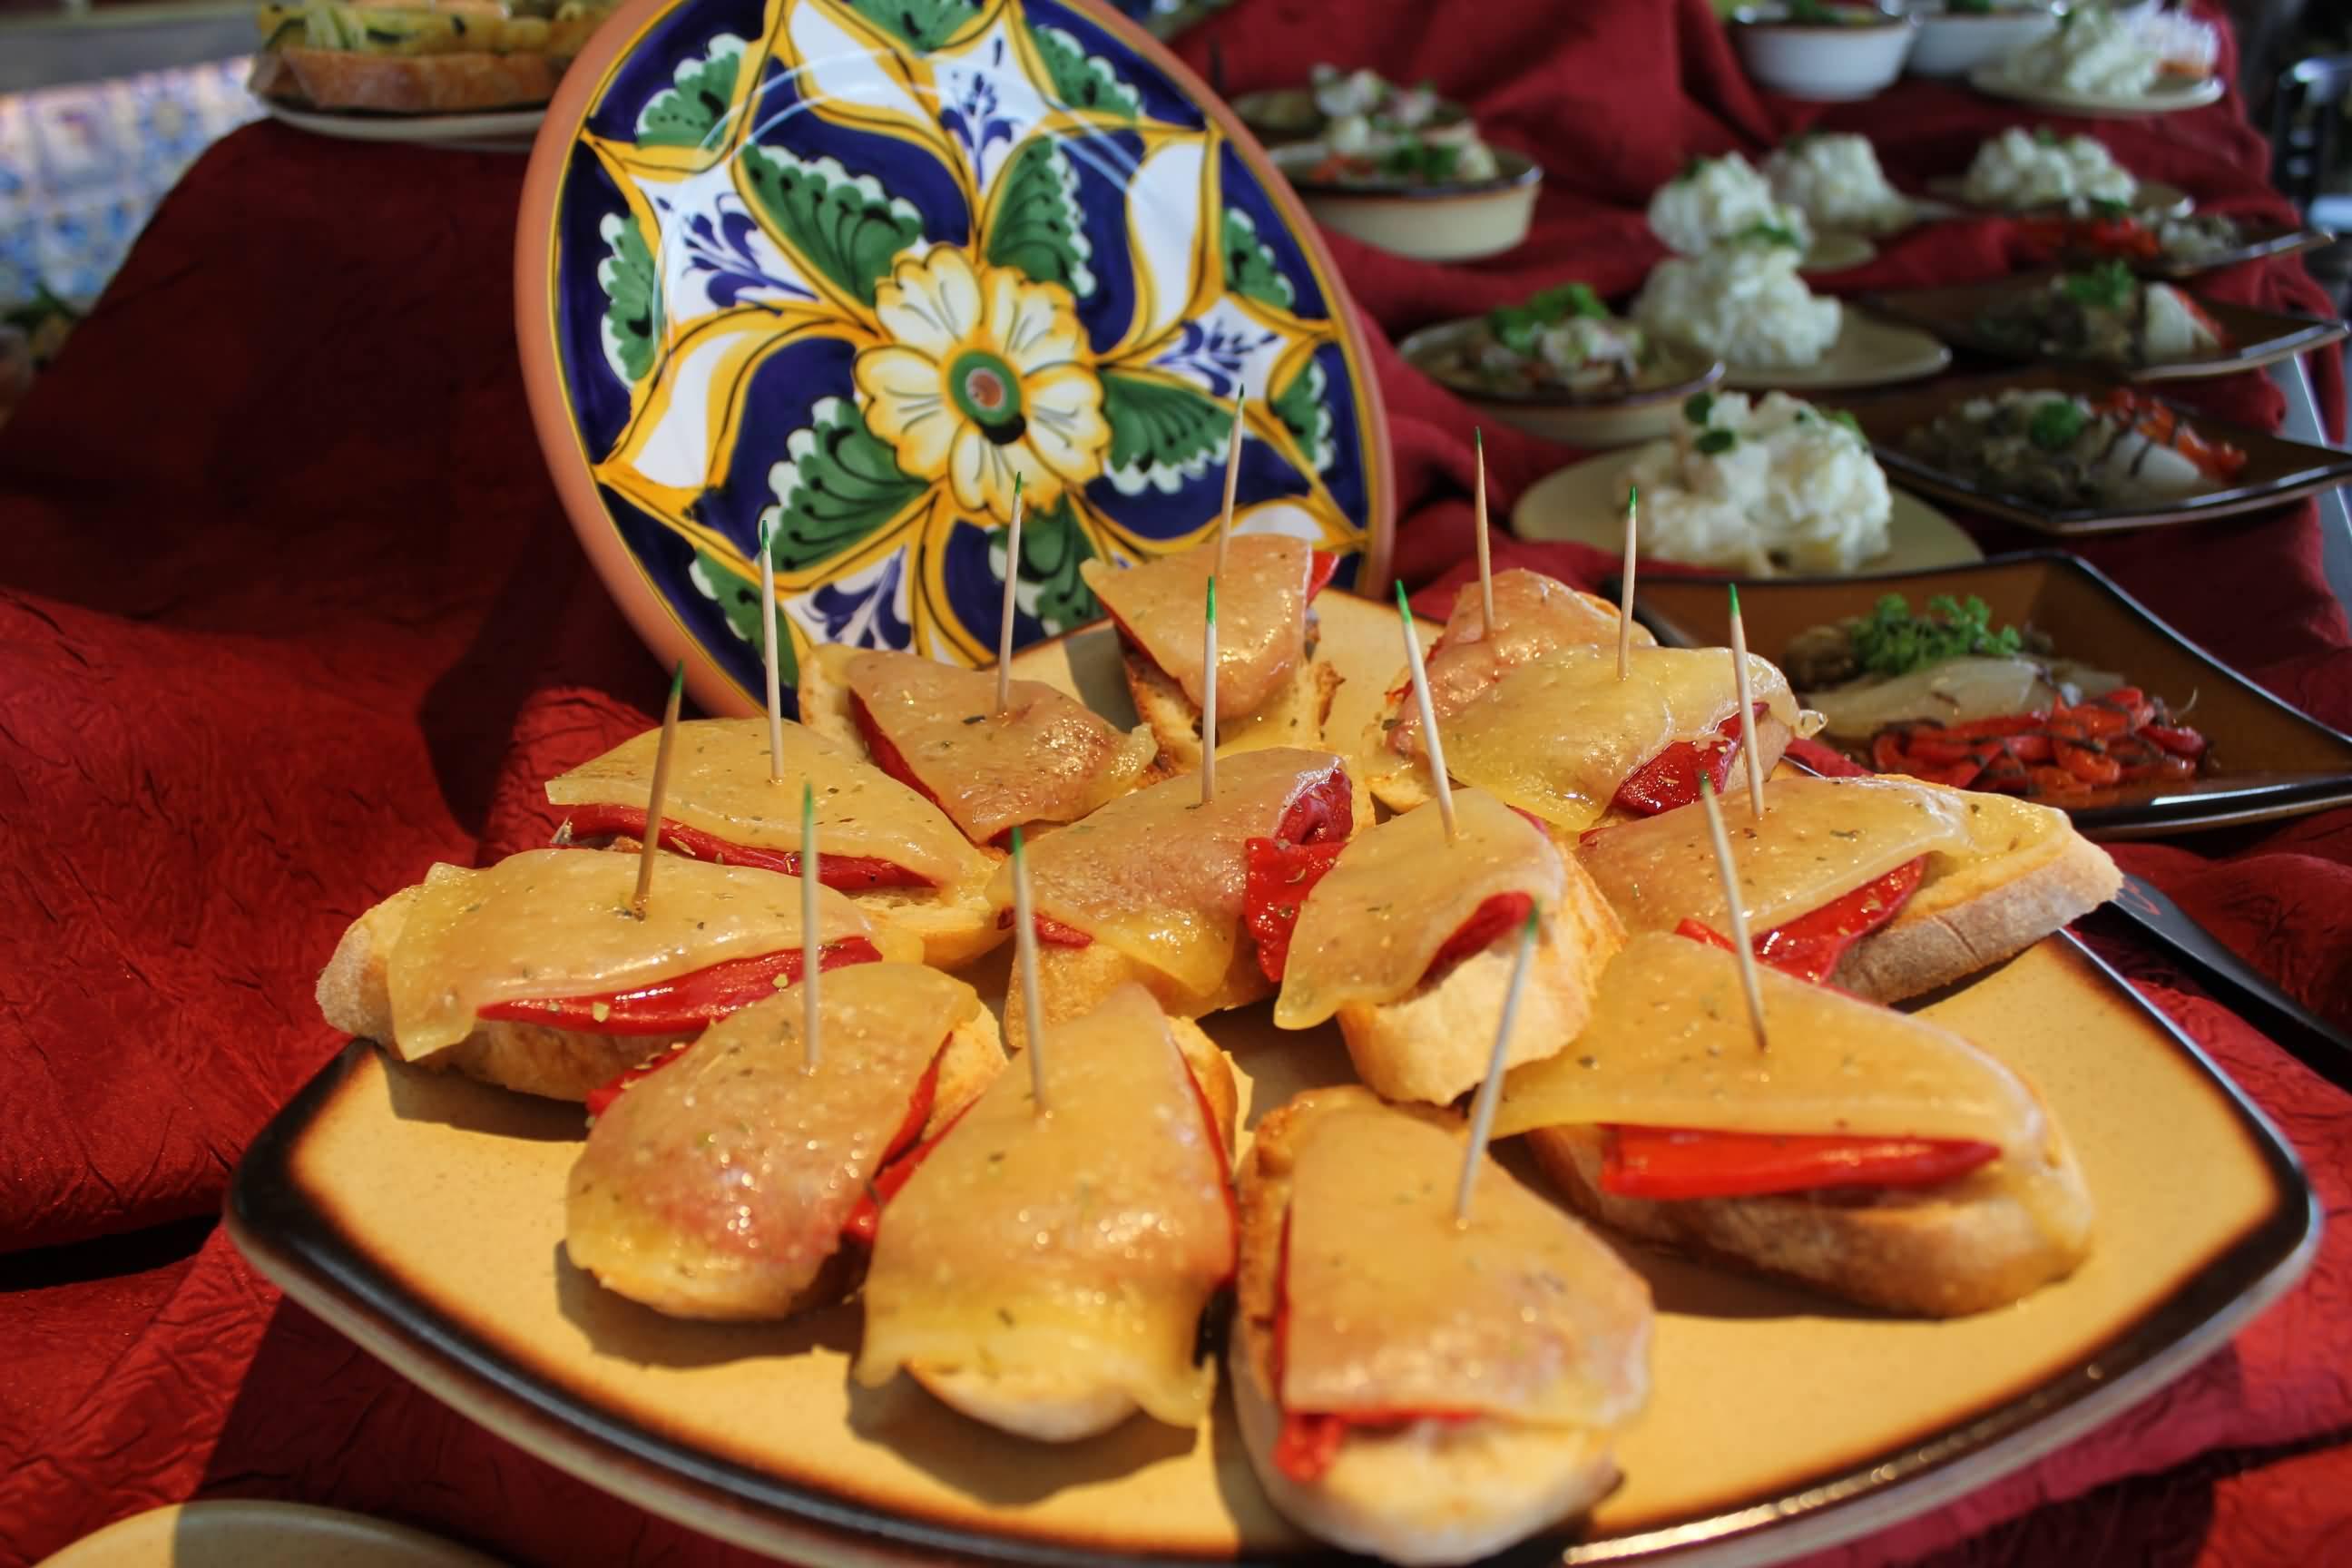 مطعم كاسا دي تاباس في رمضان